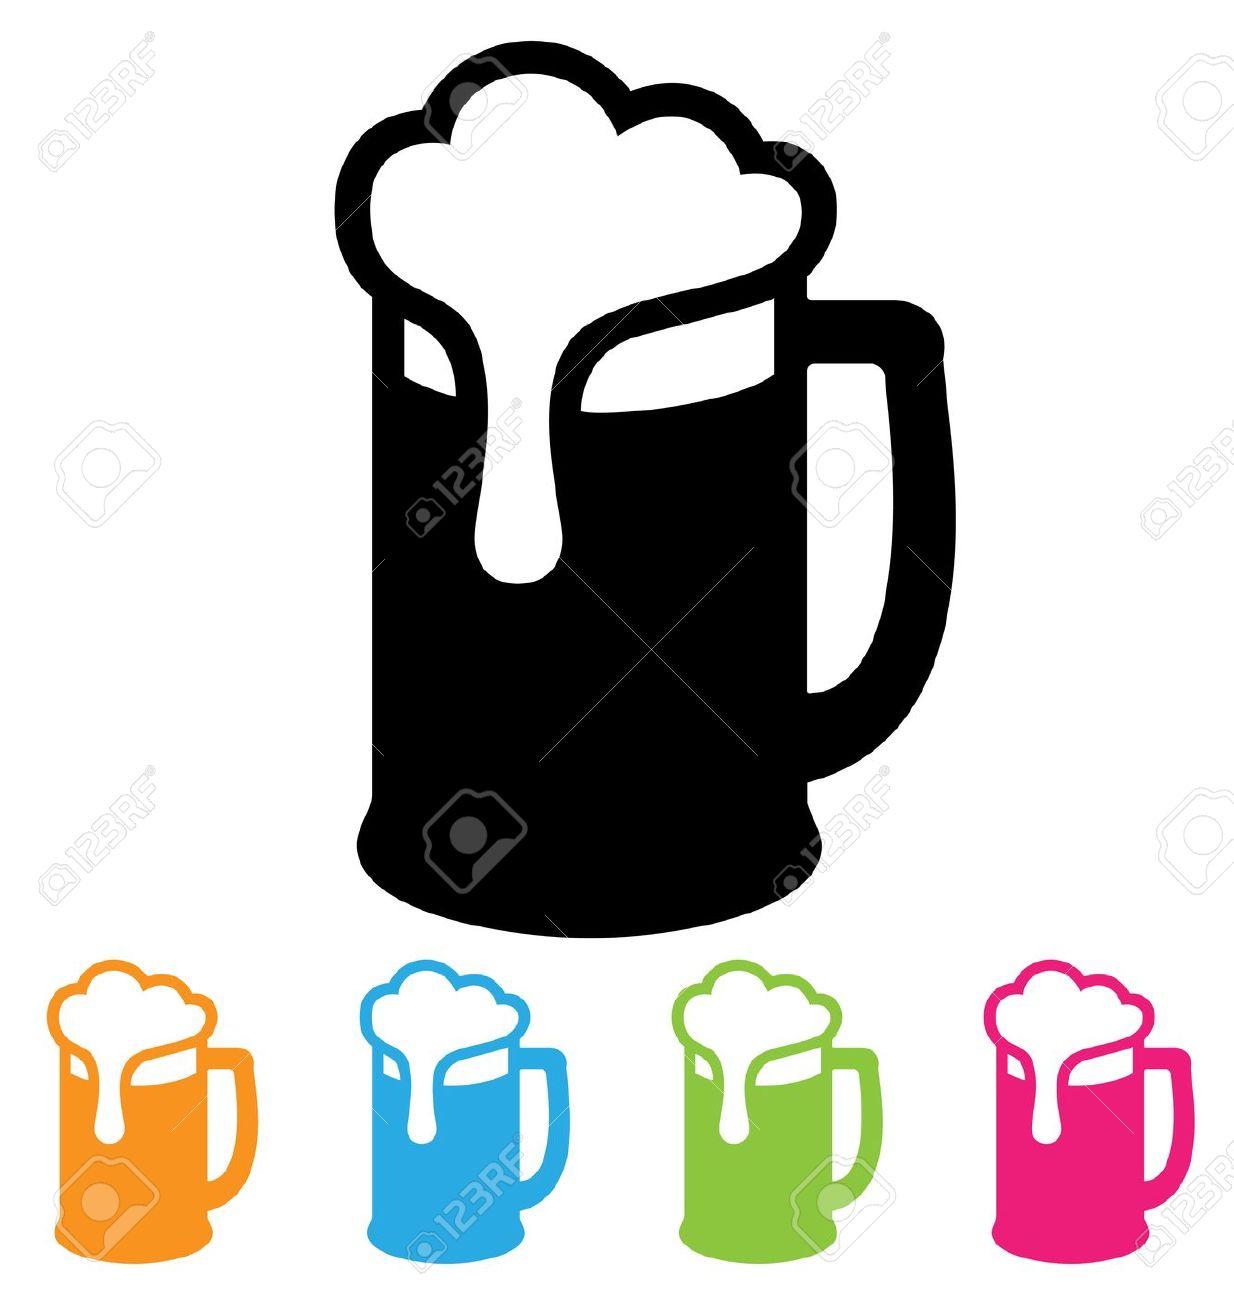 1234x1300 Beer Mug Cliparts, Stock Vector And Royalty Free Beer Mug